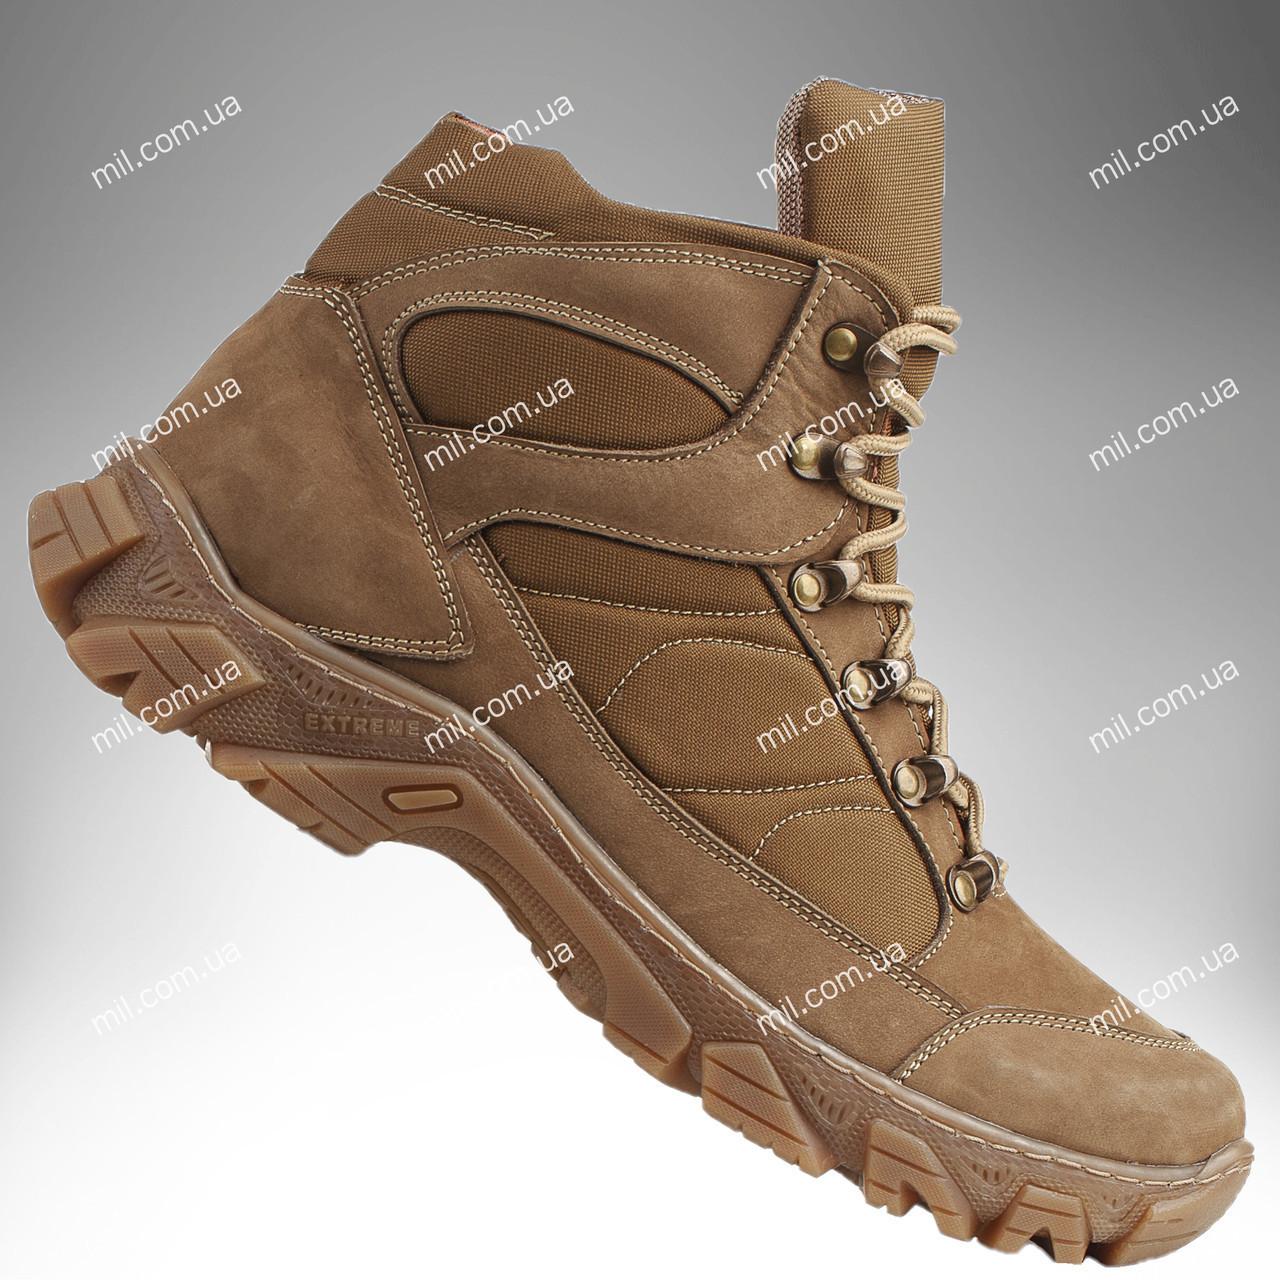 Зимние тактические ботинки / армейская, военная обувь ARMA Gen.II (койот)